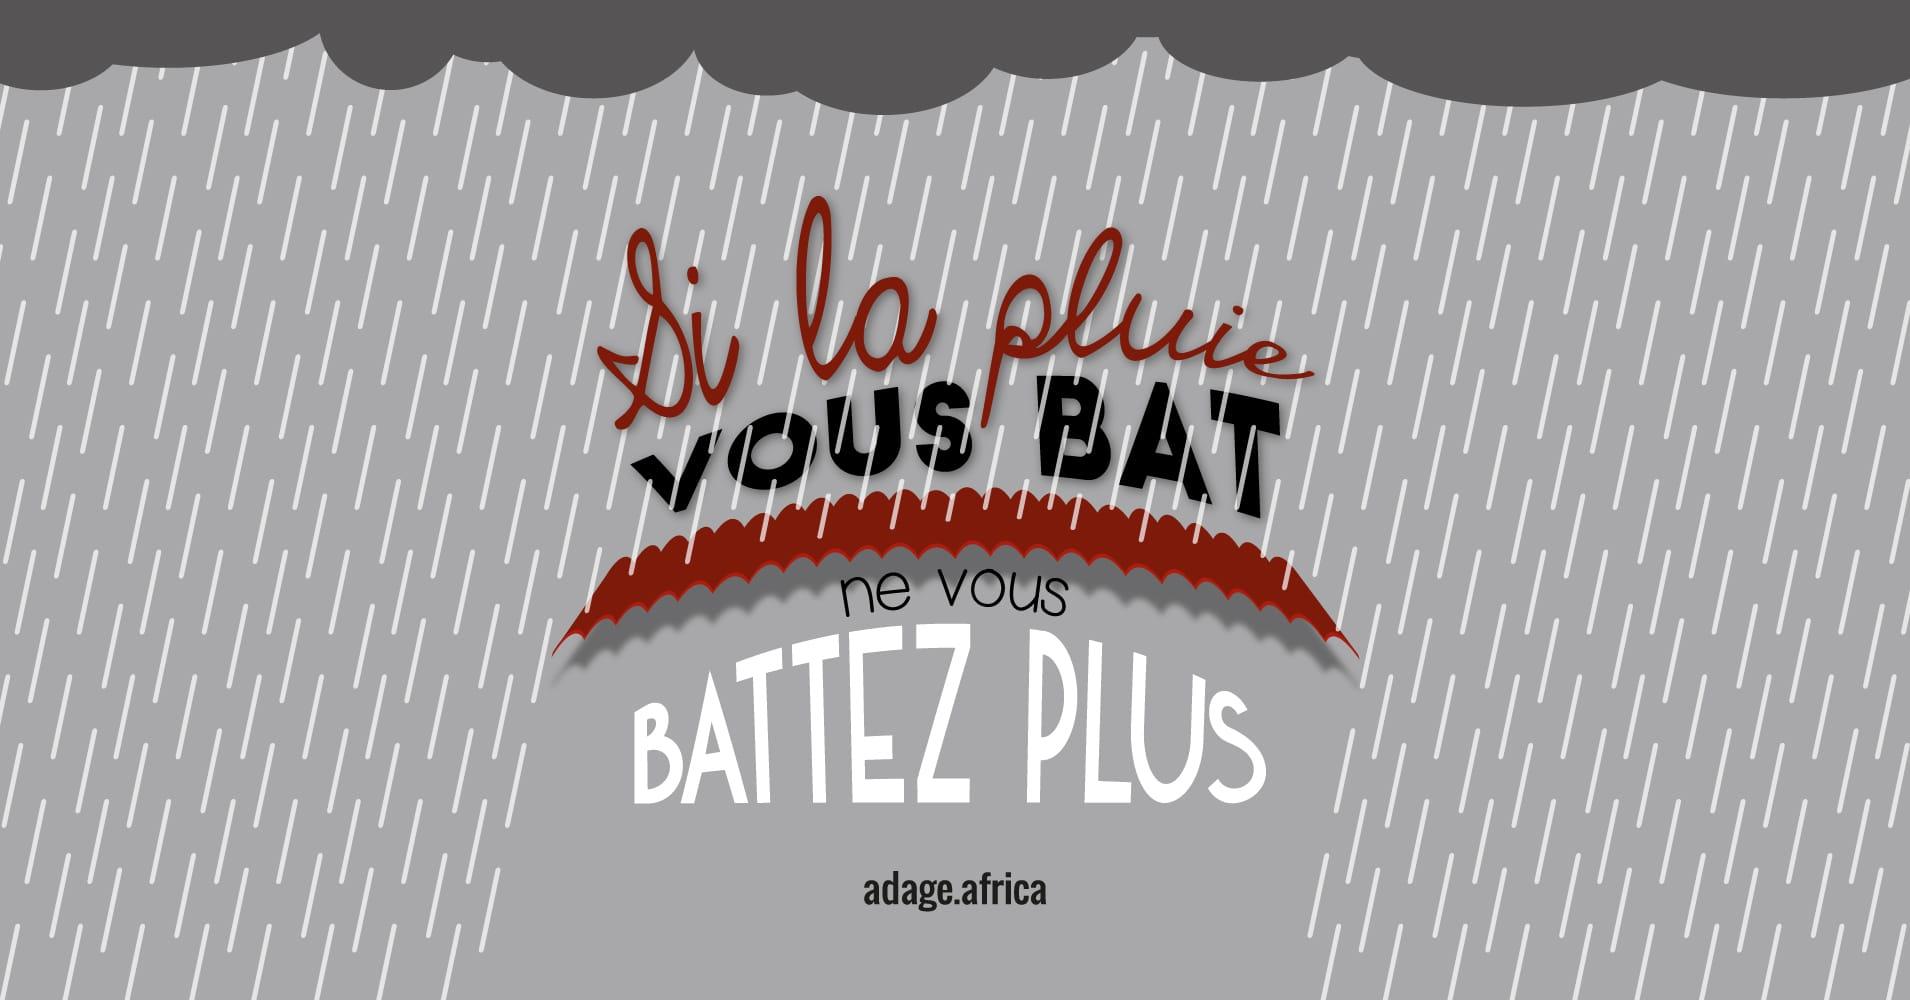 Si la pluie vous bat, ne vous battez plus.